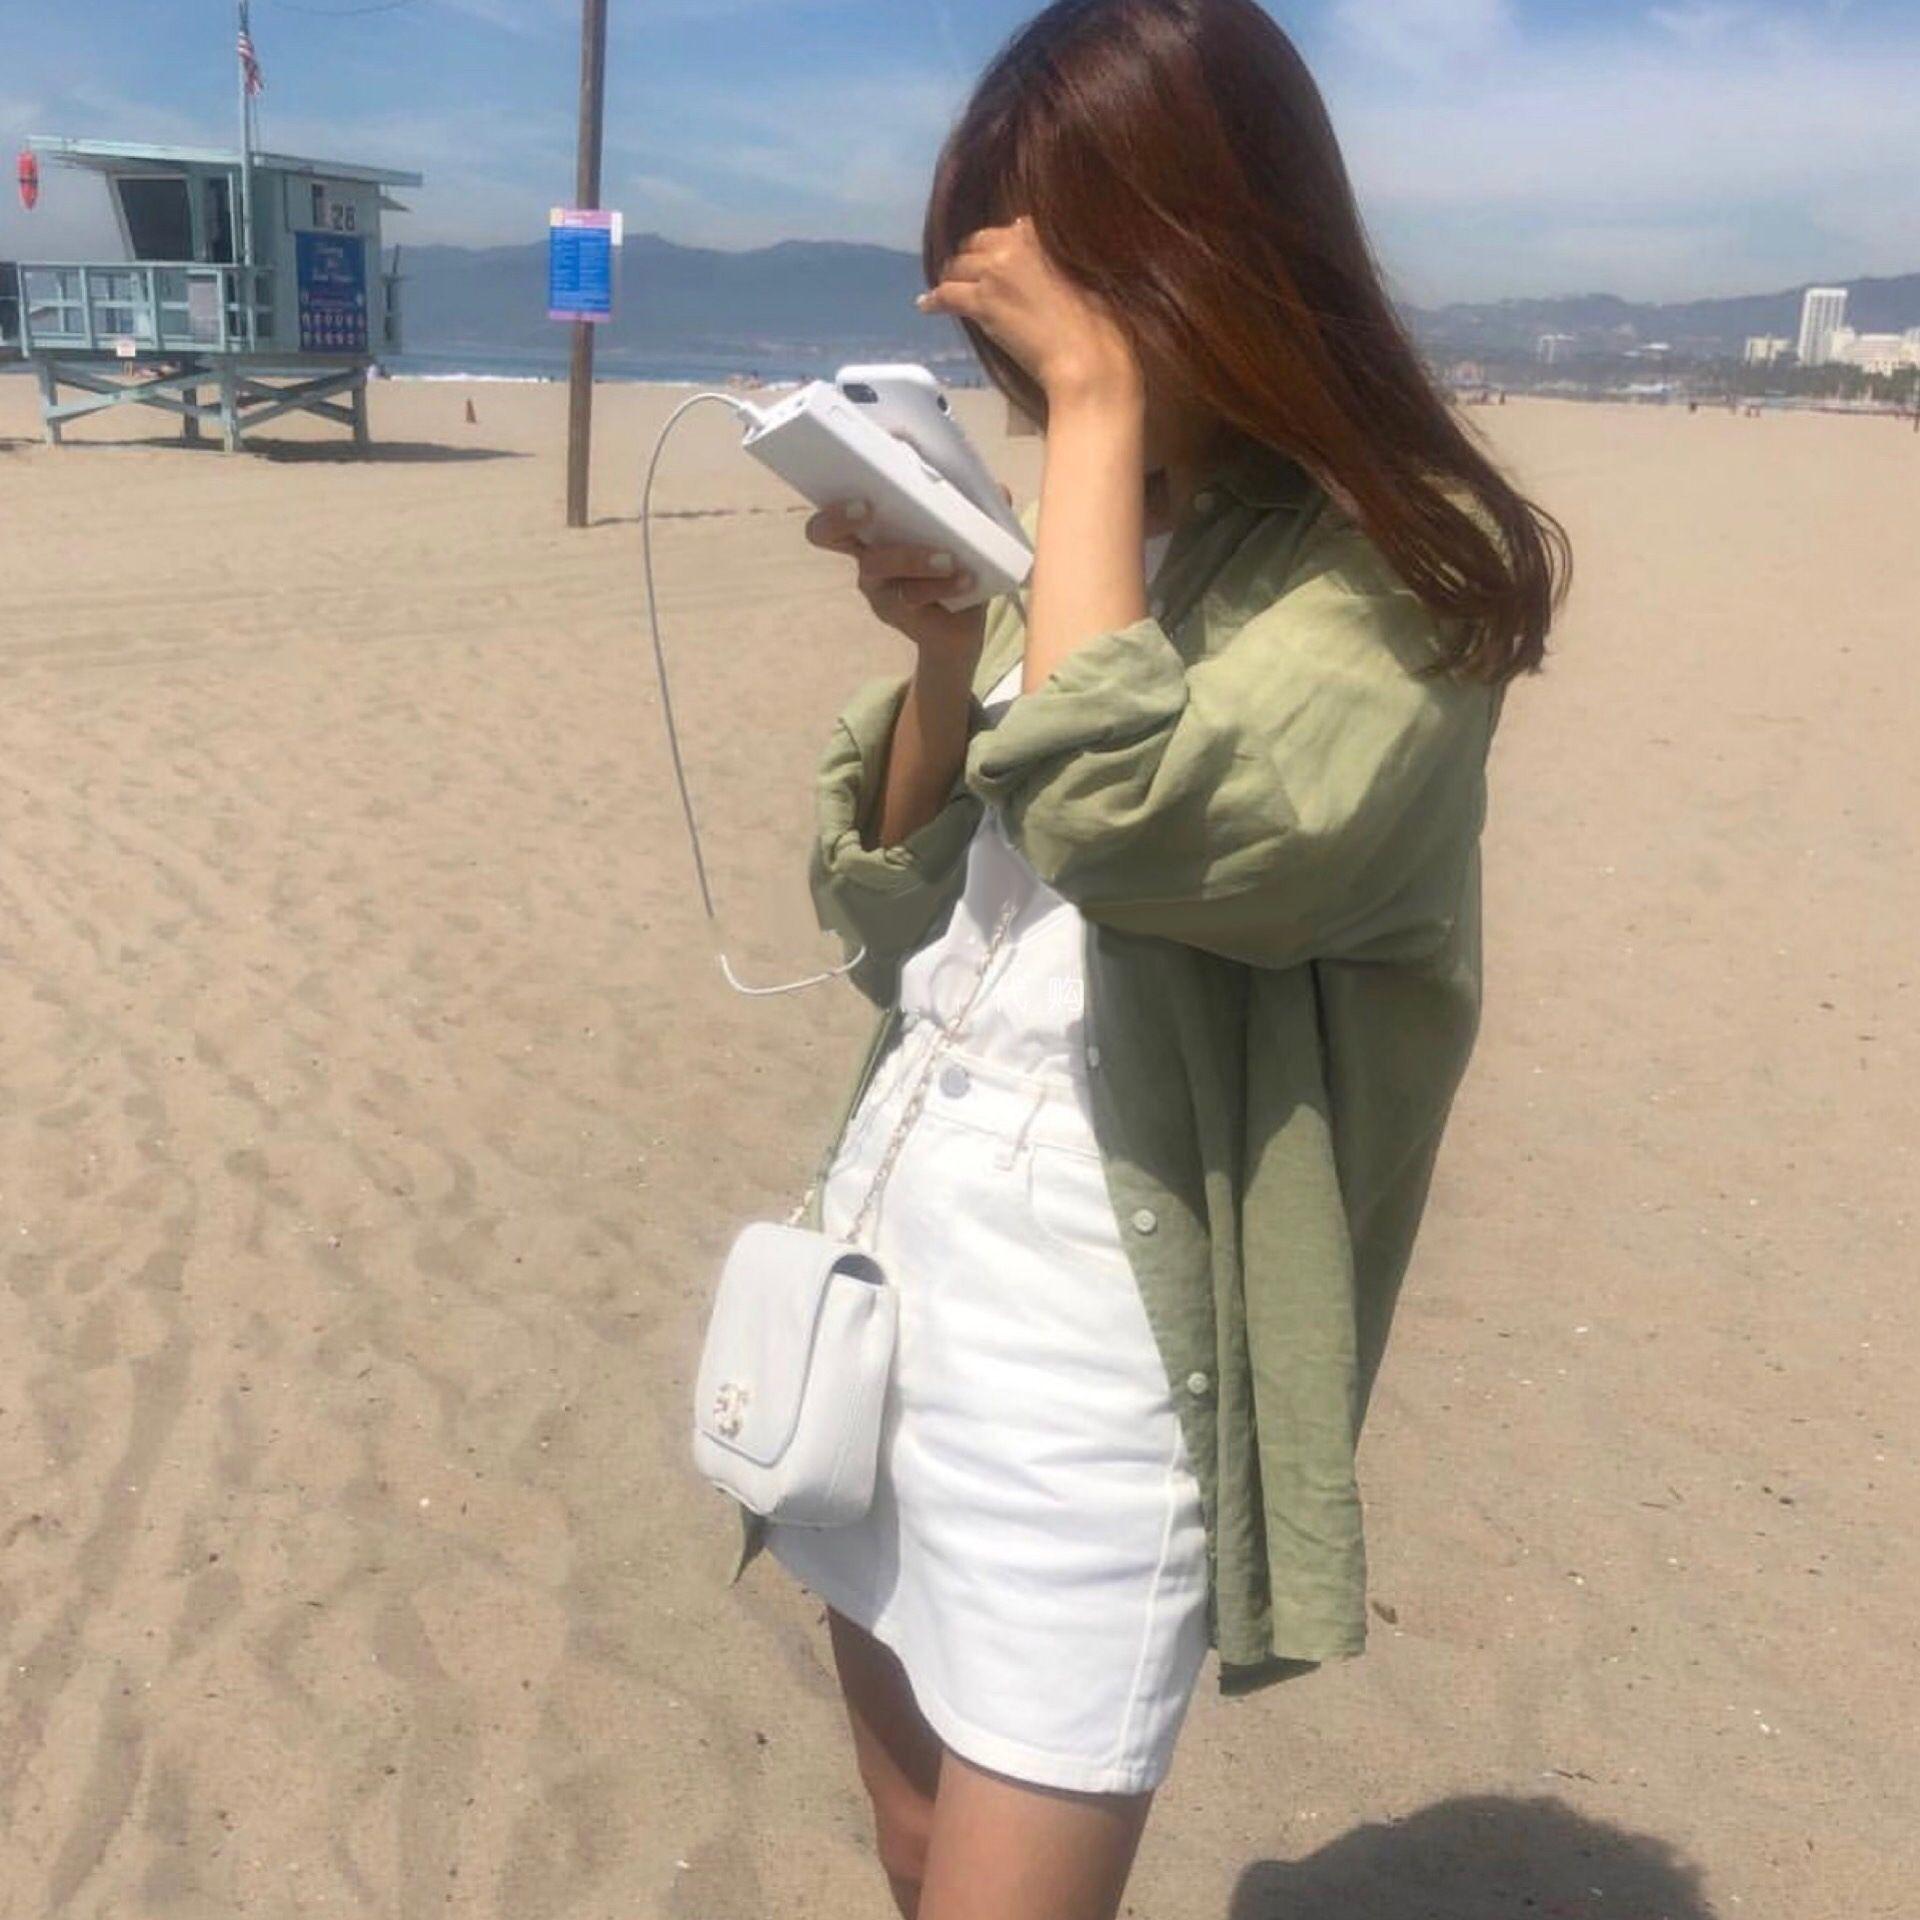 Estate 2020 nuovo temperamento stile coreano delle donne AkXIz protezione solare del tutto-fiammifero allentato di lunghezza media della camicia del cappotto della protezione solare a maniche lunghe abbigliamento s 5A88z